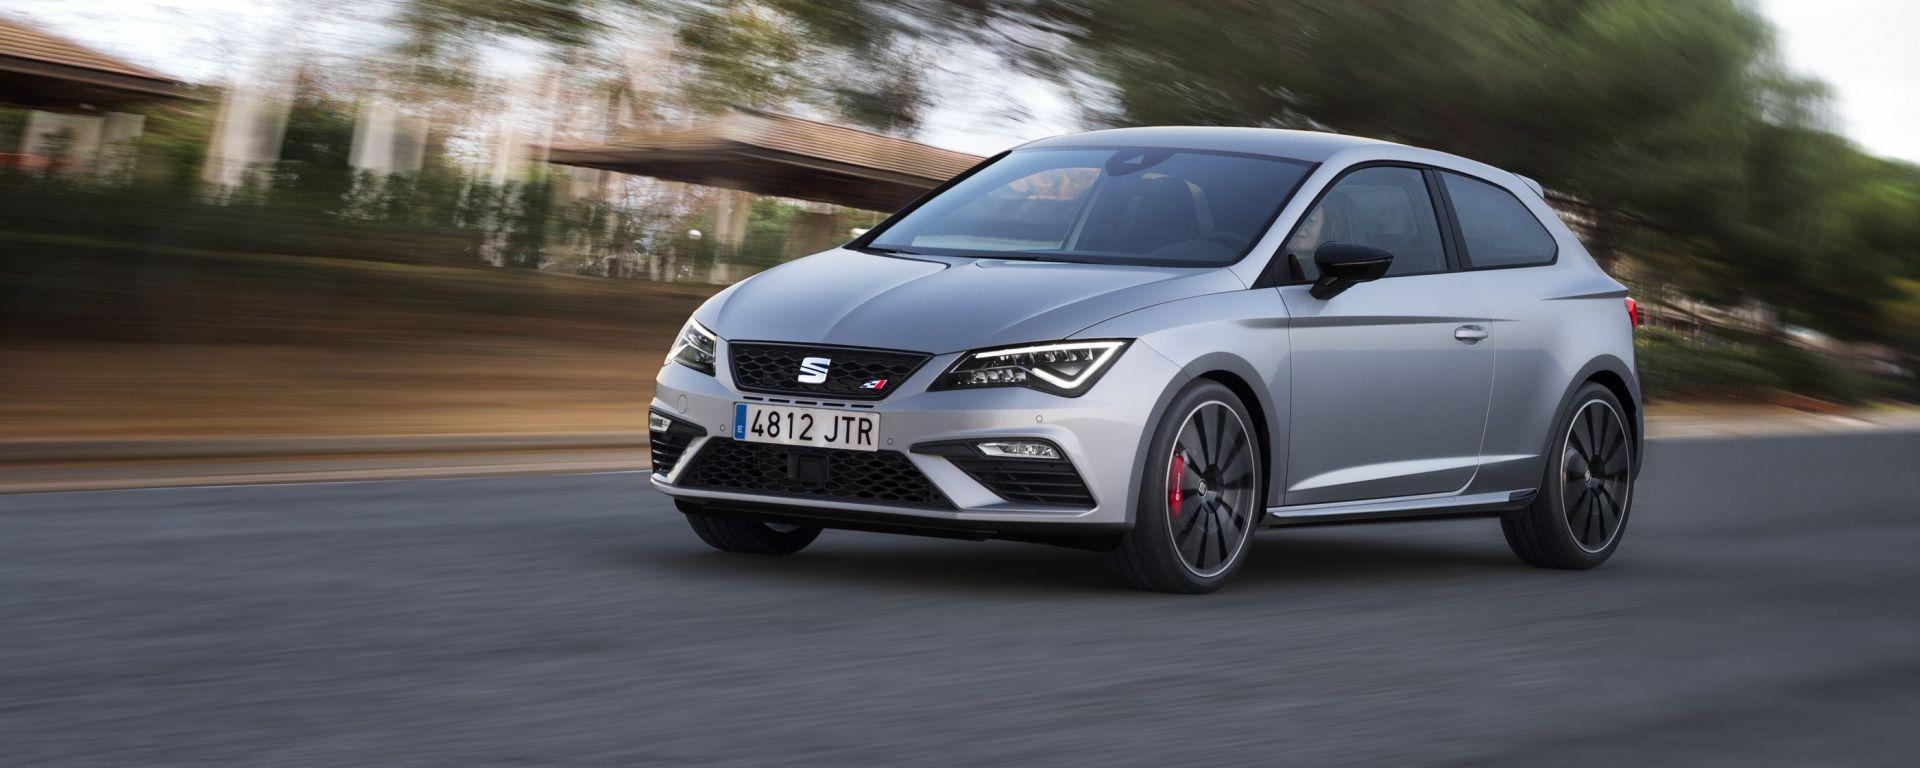 Seat Leon Cupra: con 300 cv è la Seat di serie più potente di sempre